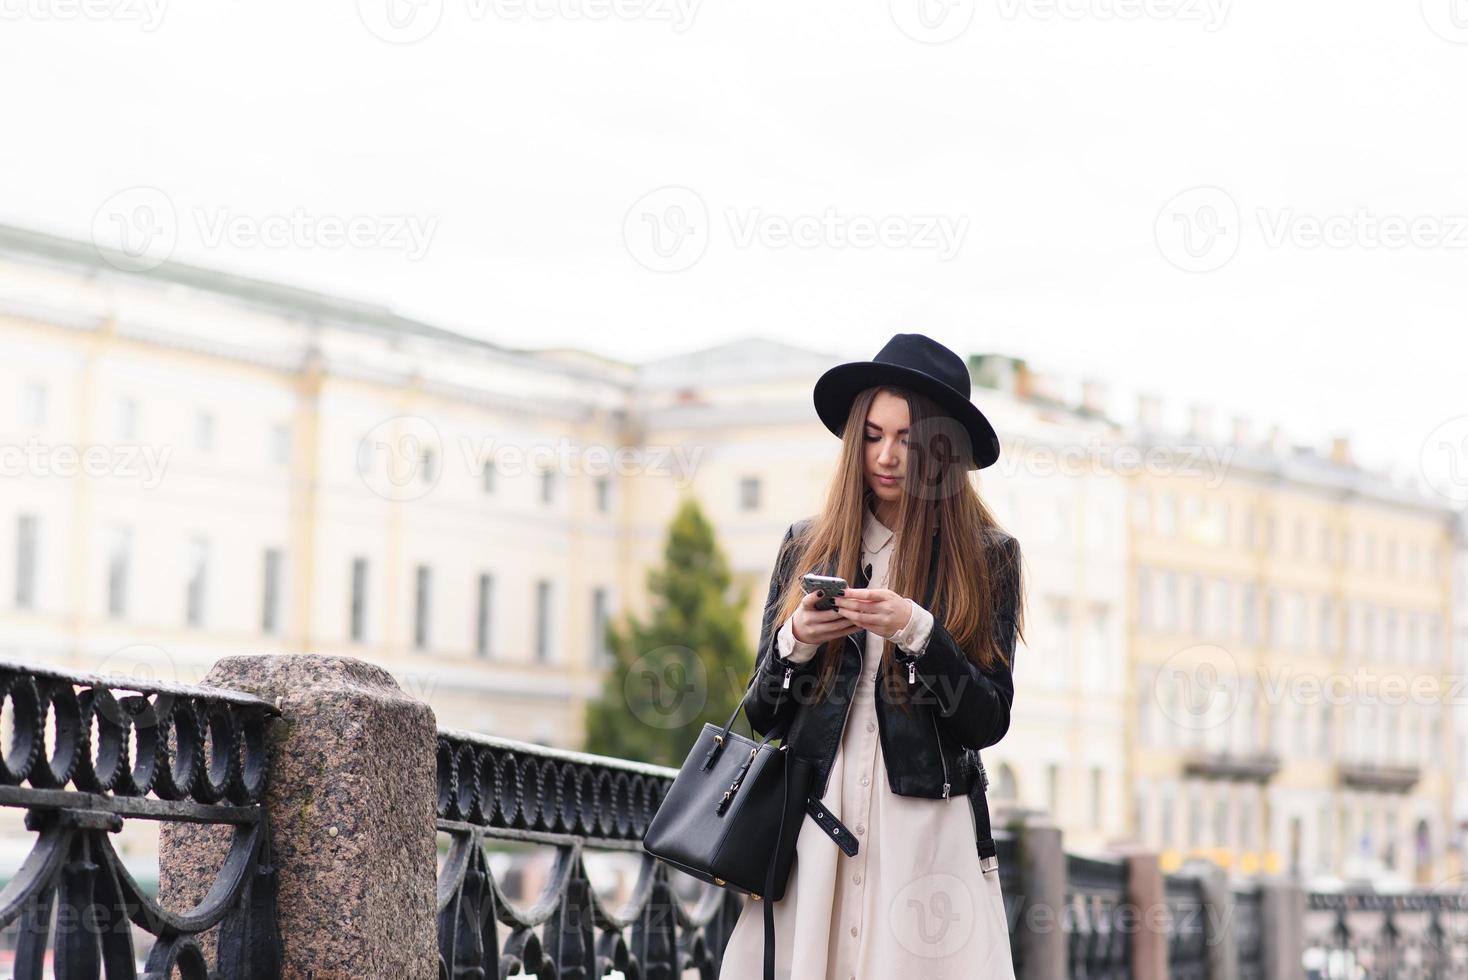 moda feminina lendo a mensagem no telefone celular durante um passeio fora foto